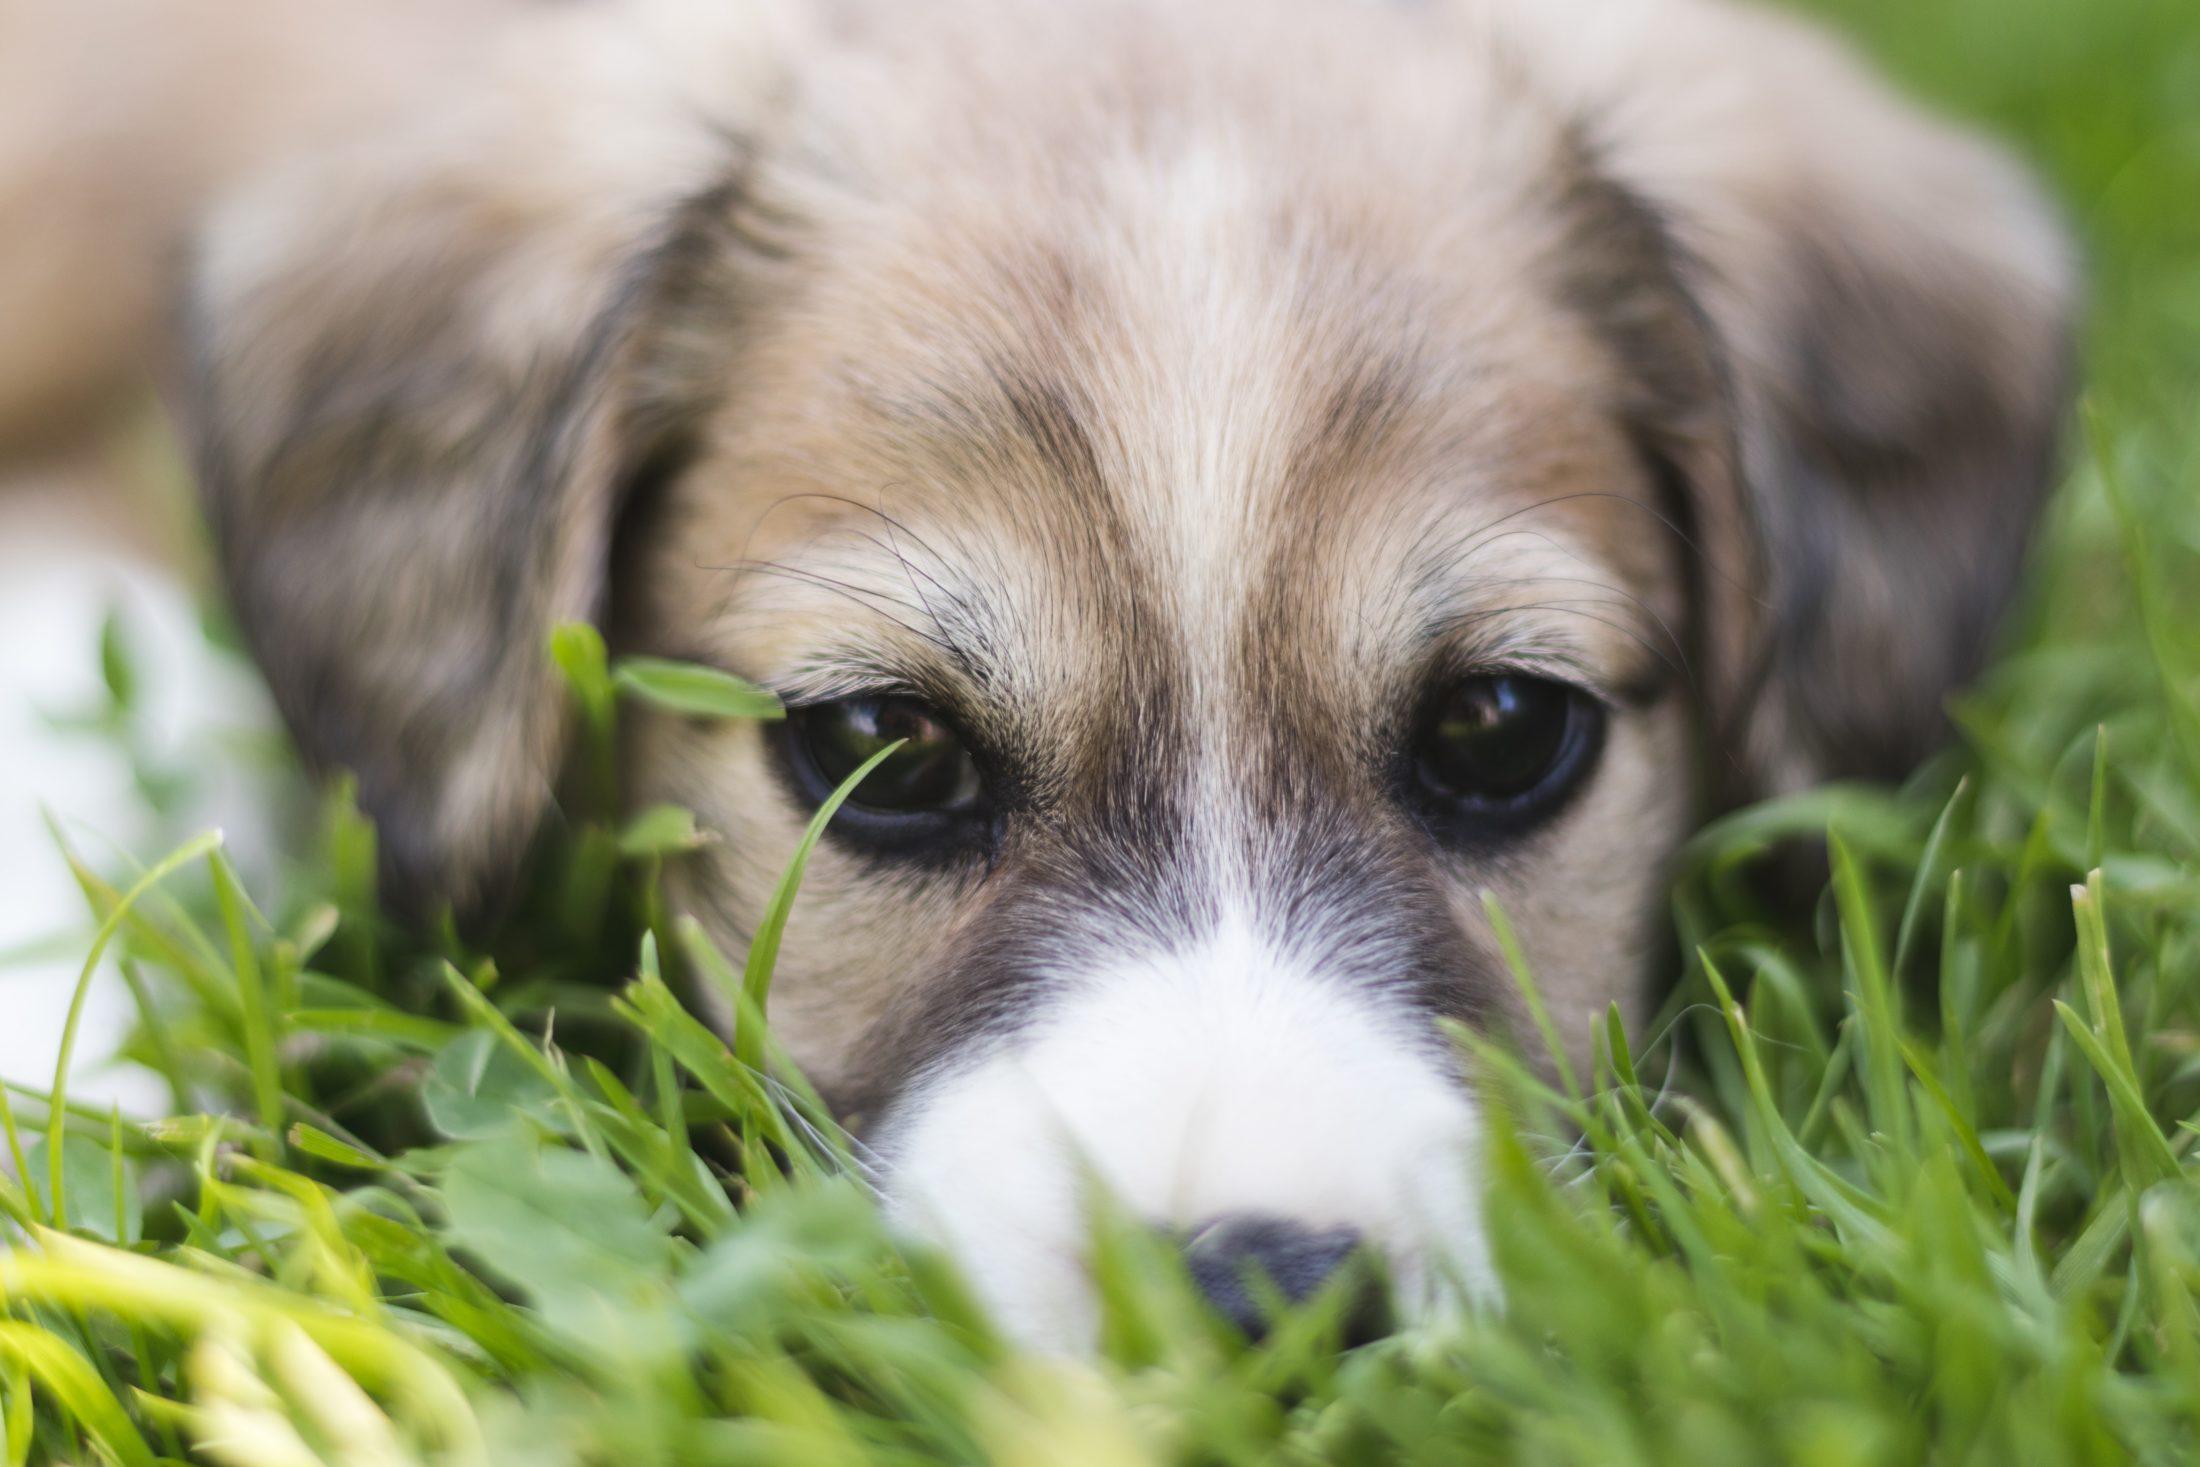 cuidados com cachorro: plantas tóxicas